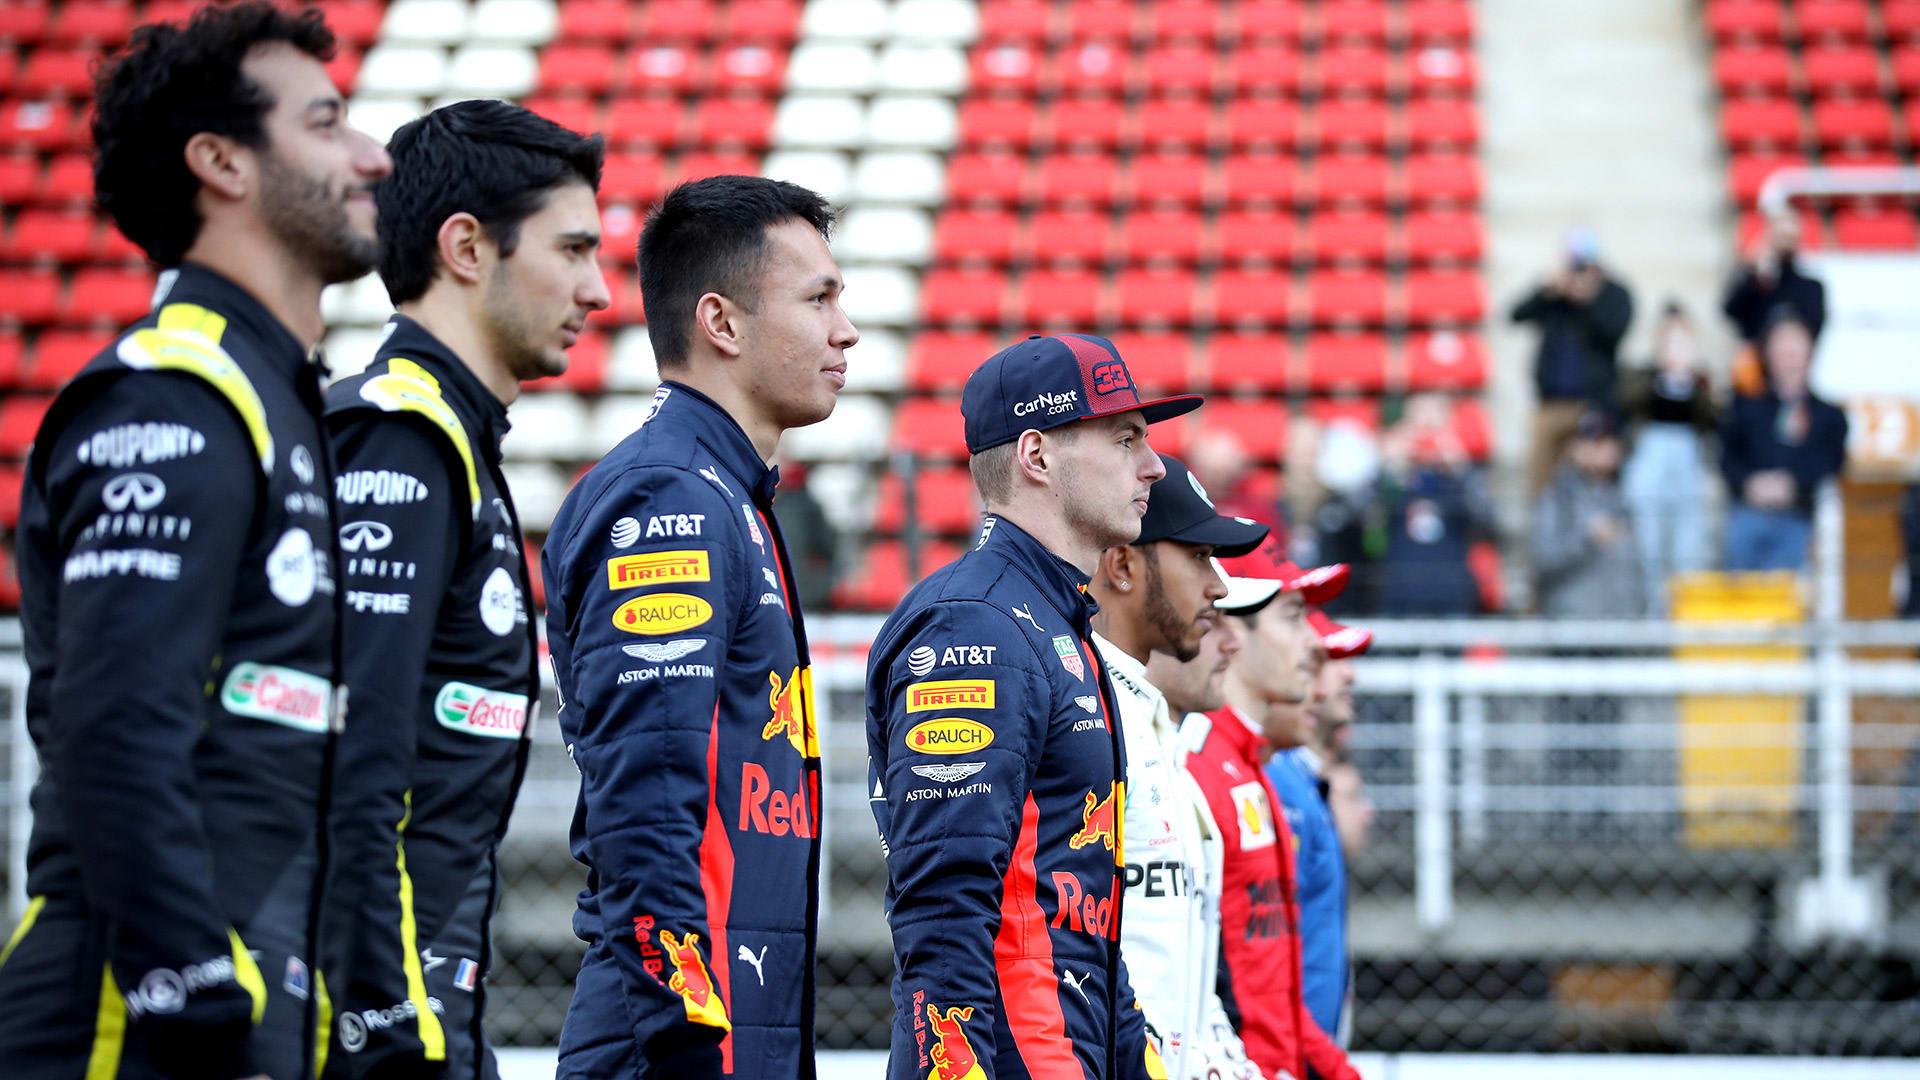 www.formula1.com